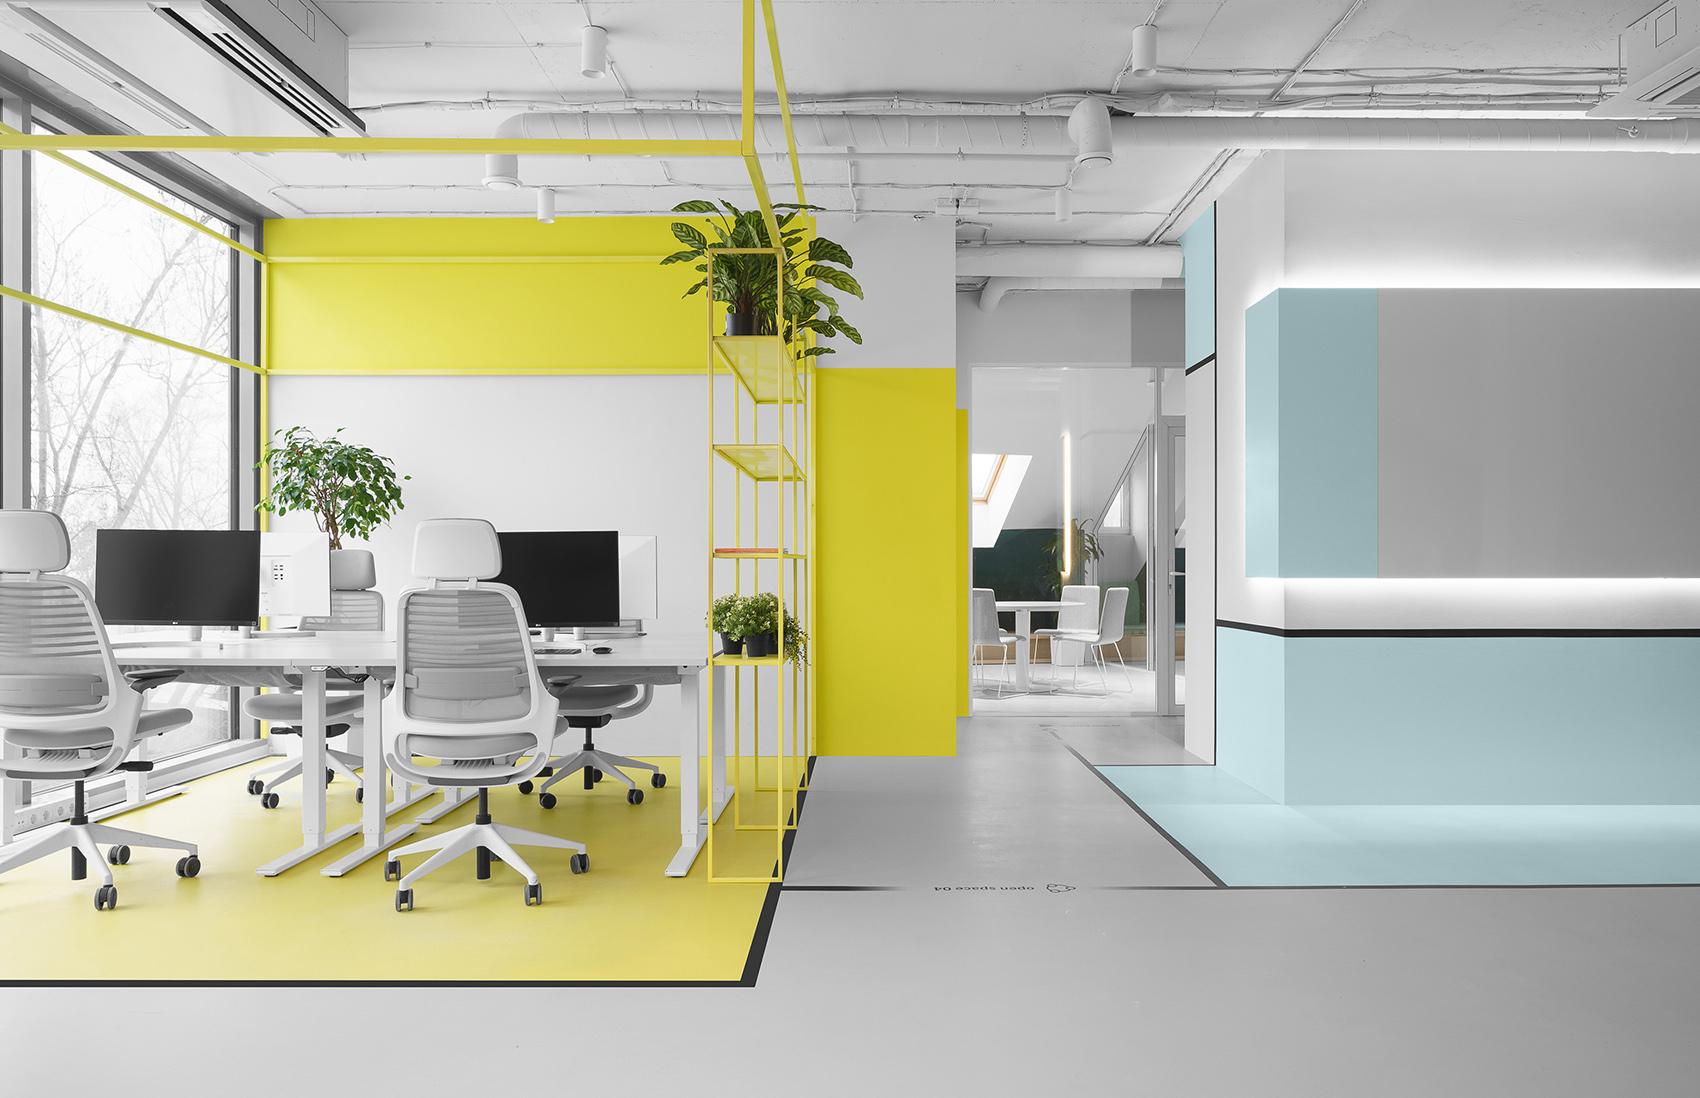 A Look Inside Appodeal's Modern New Minsk Office